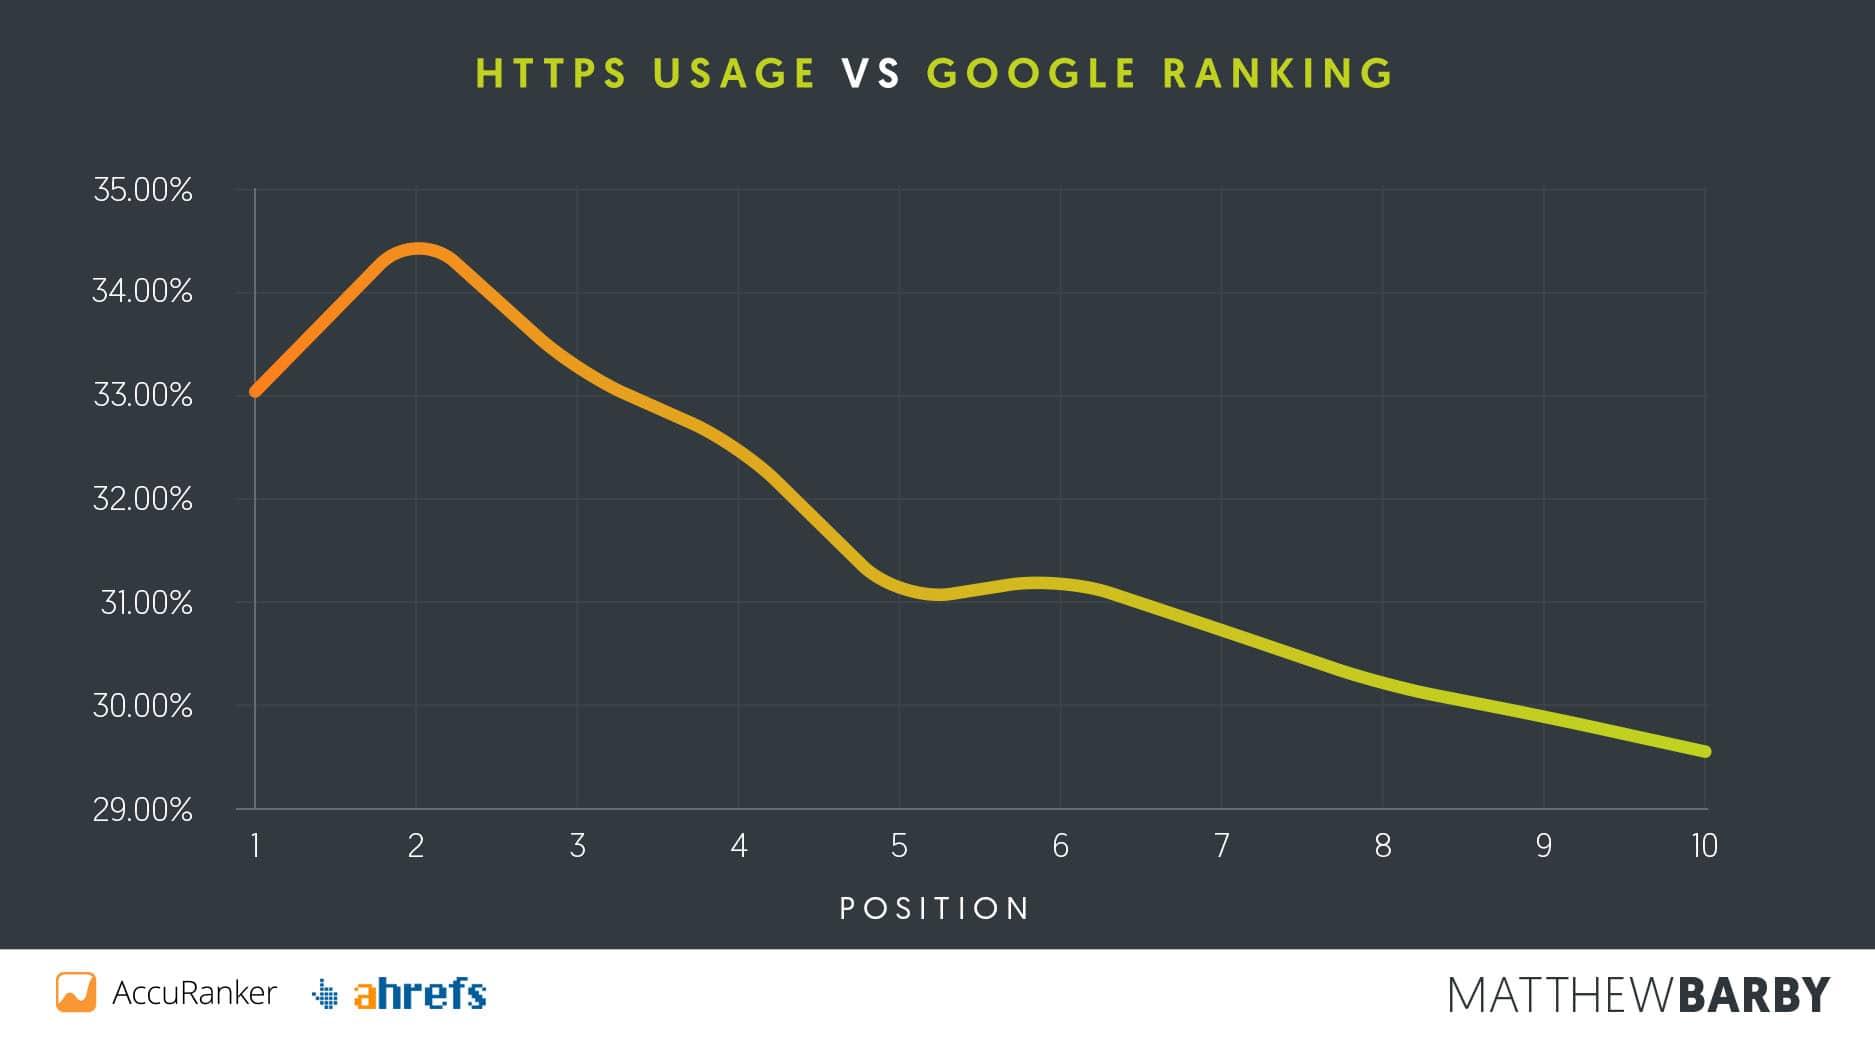 Uso de HTTPS em relação ao rankeamento do Google